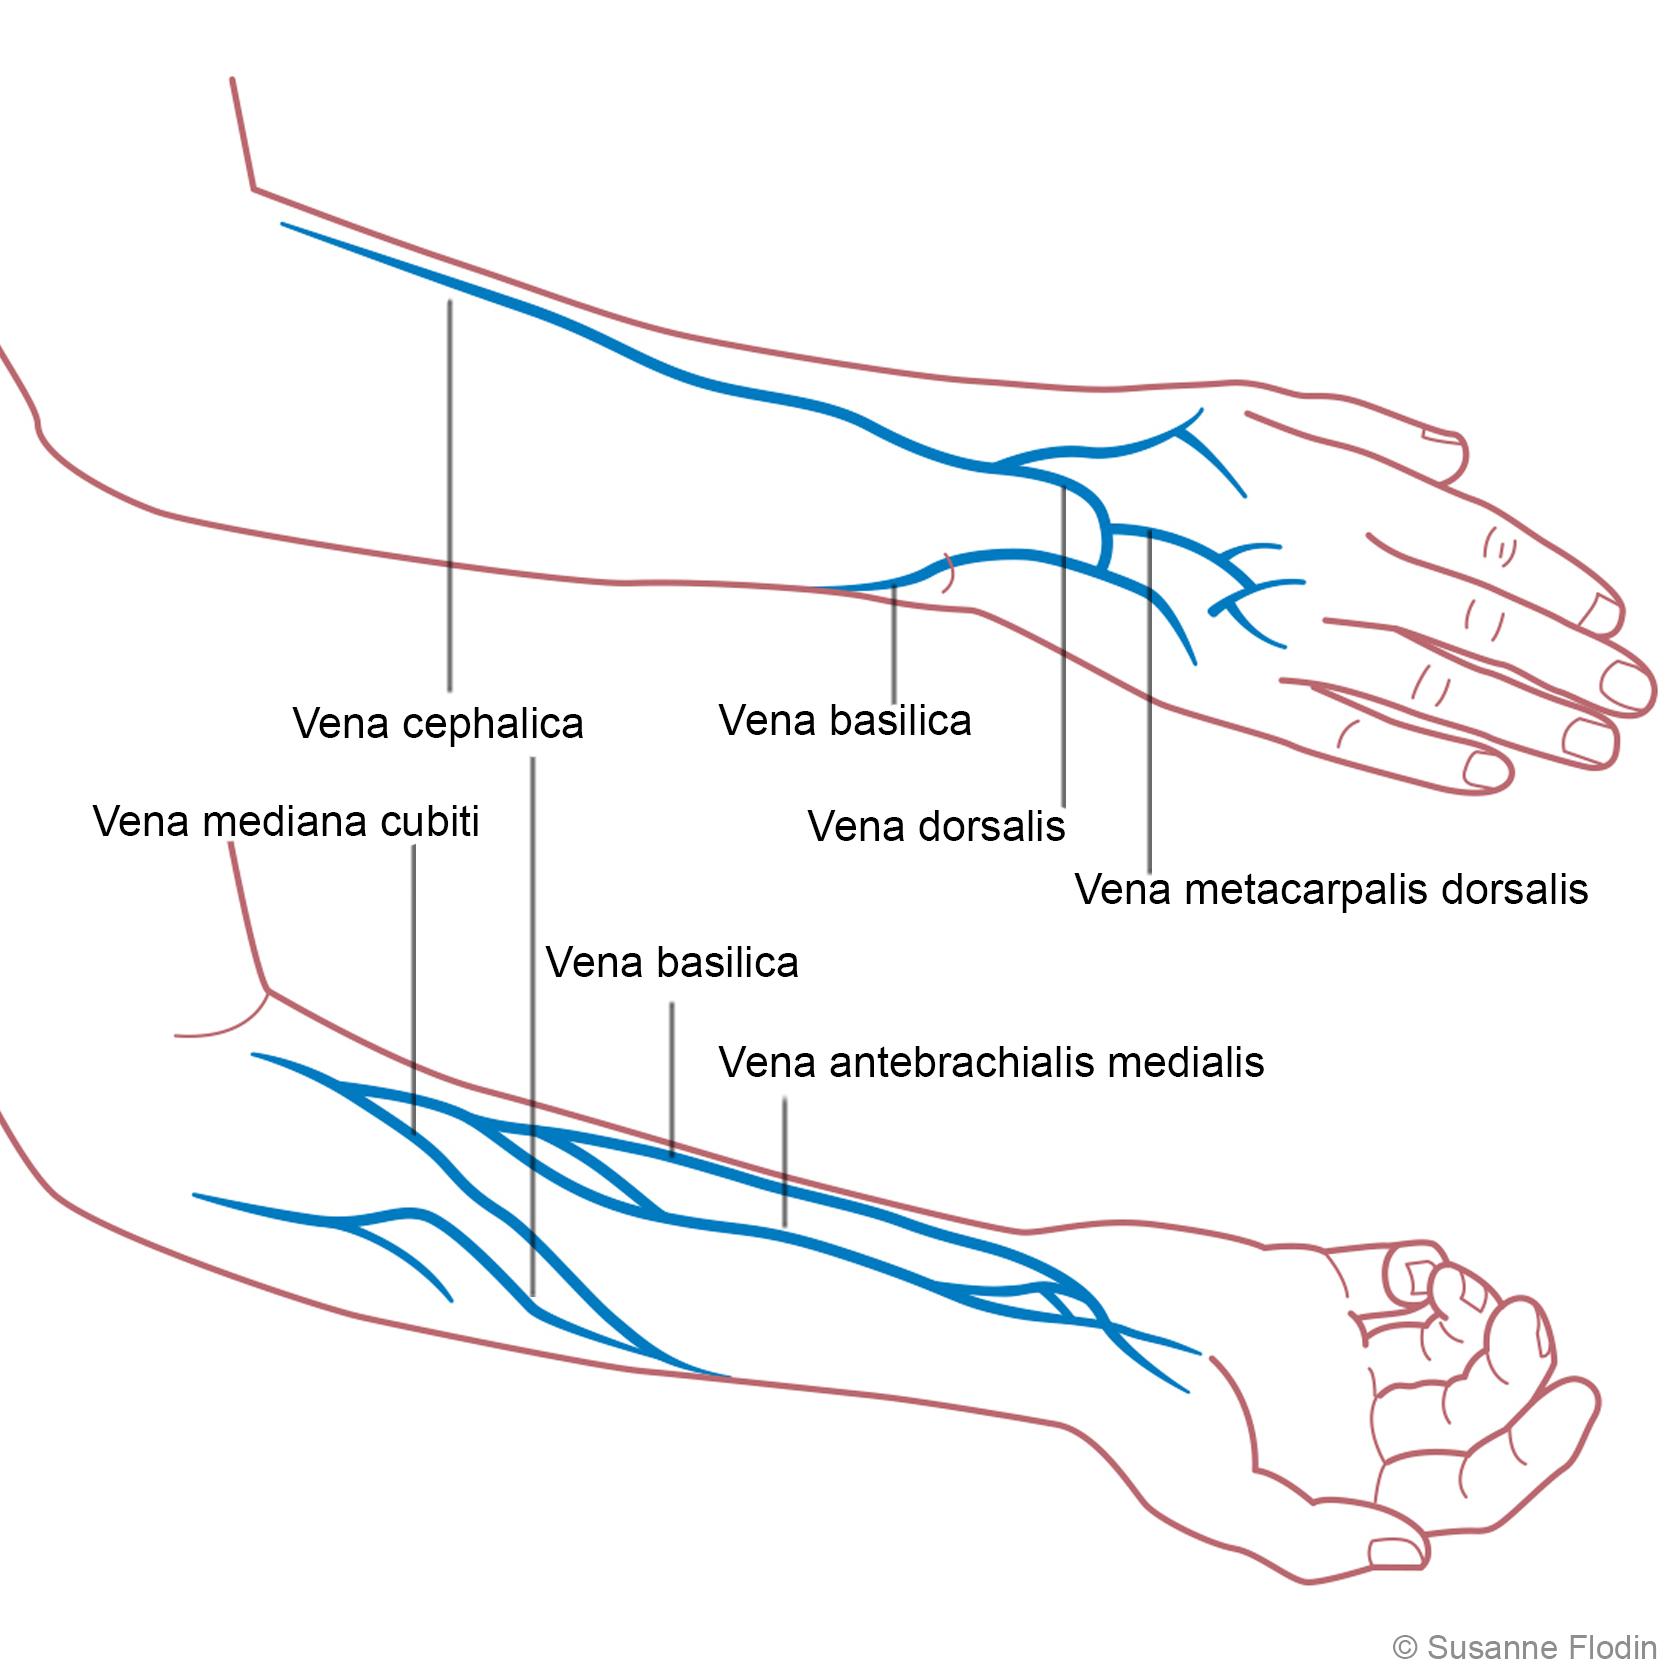 vener i armen